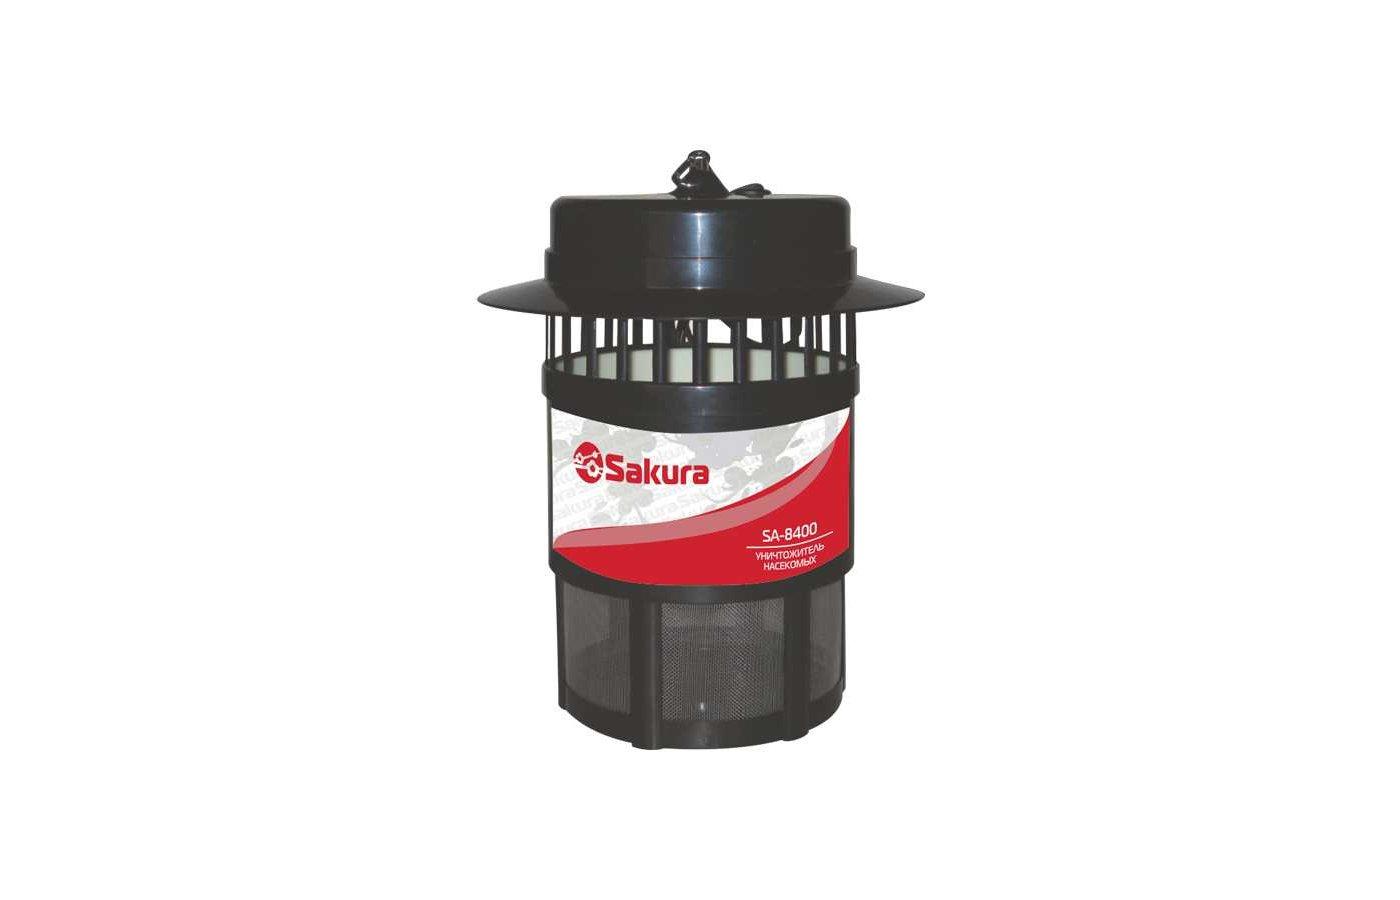 Средства для борьбы с насекомыми и грызунами Sakura SA-8400 UVA